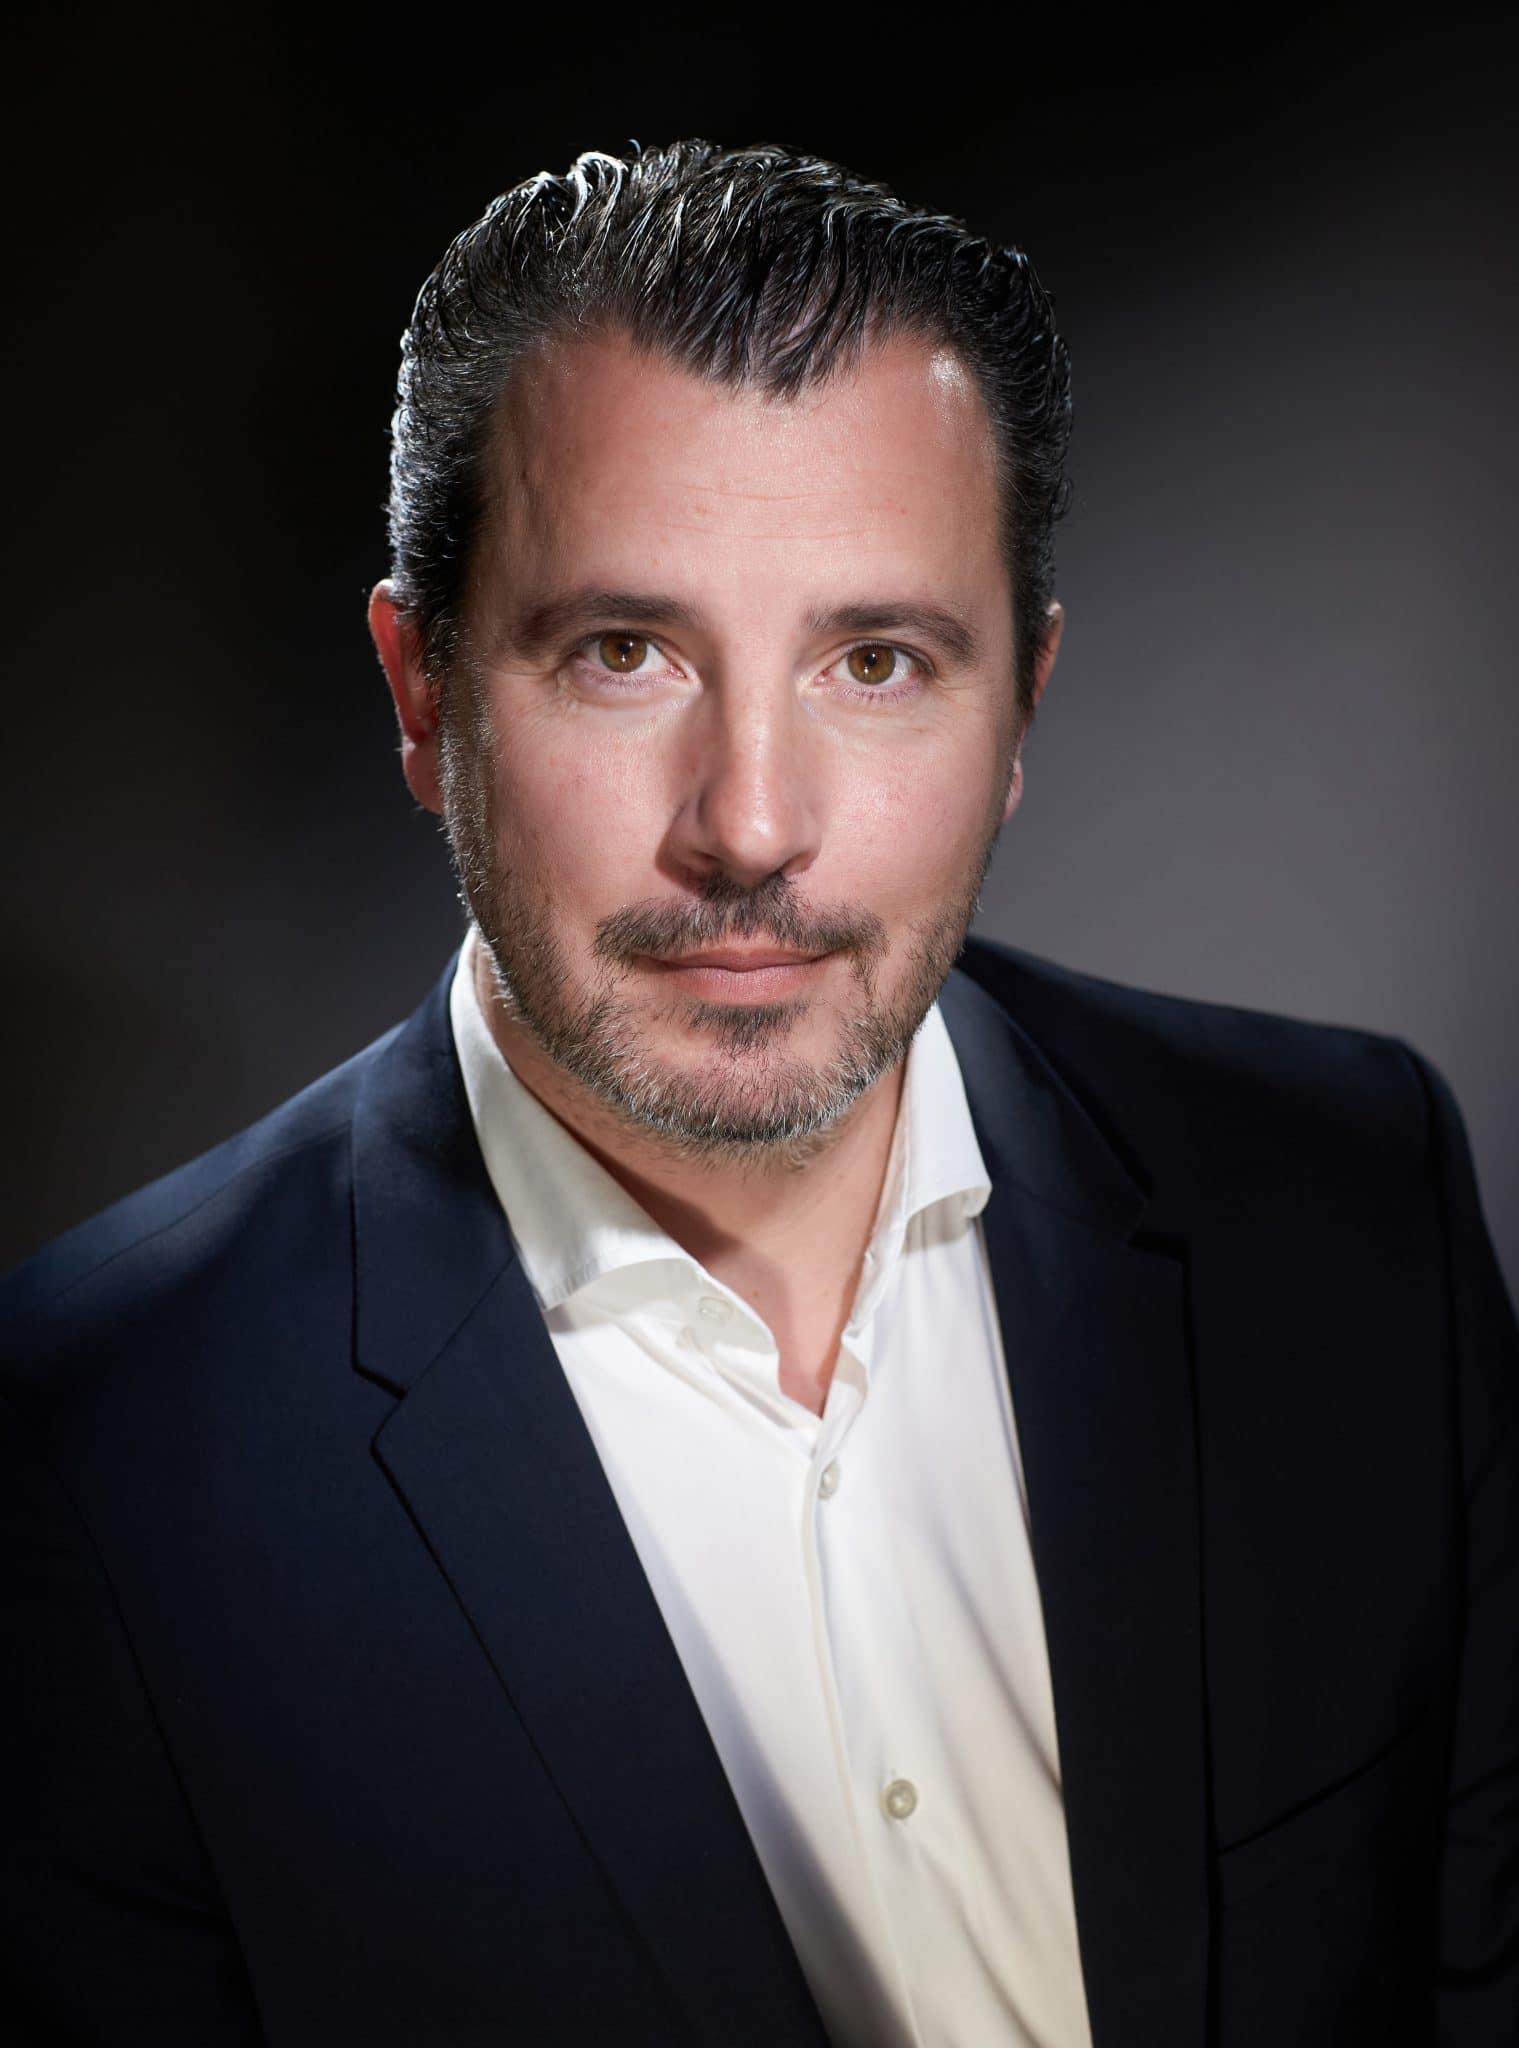 Eric Vandromme